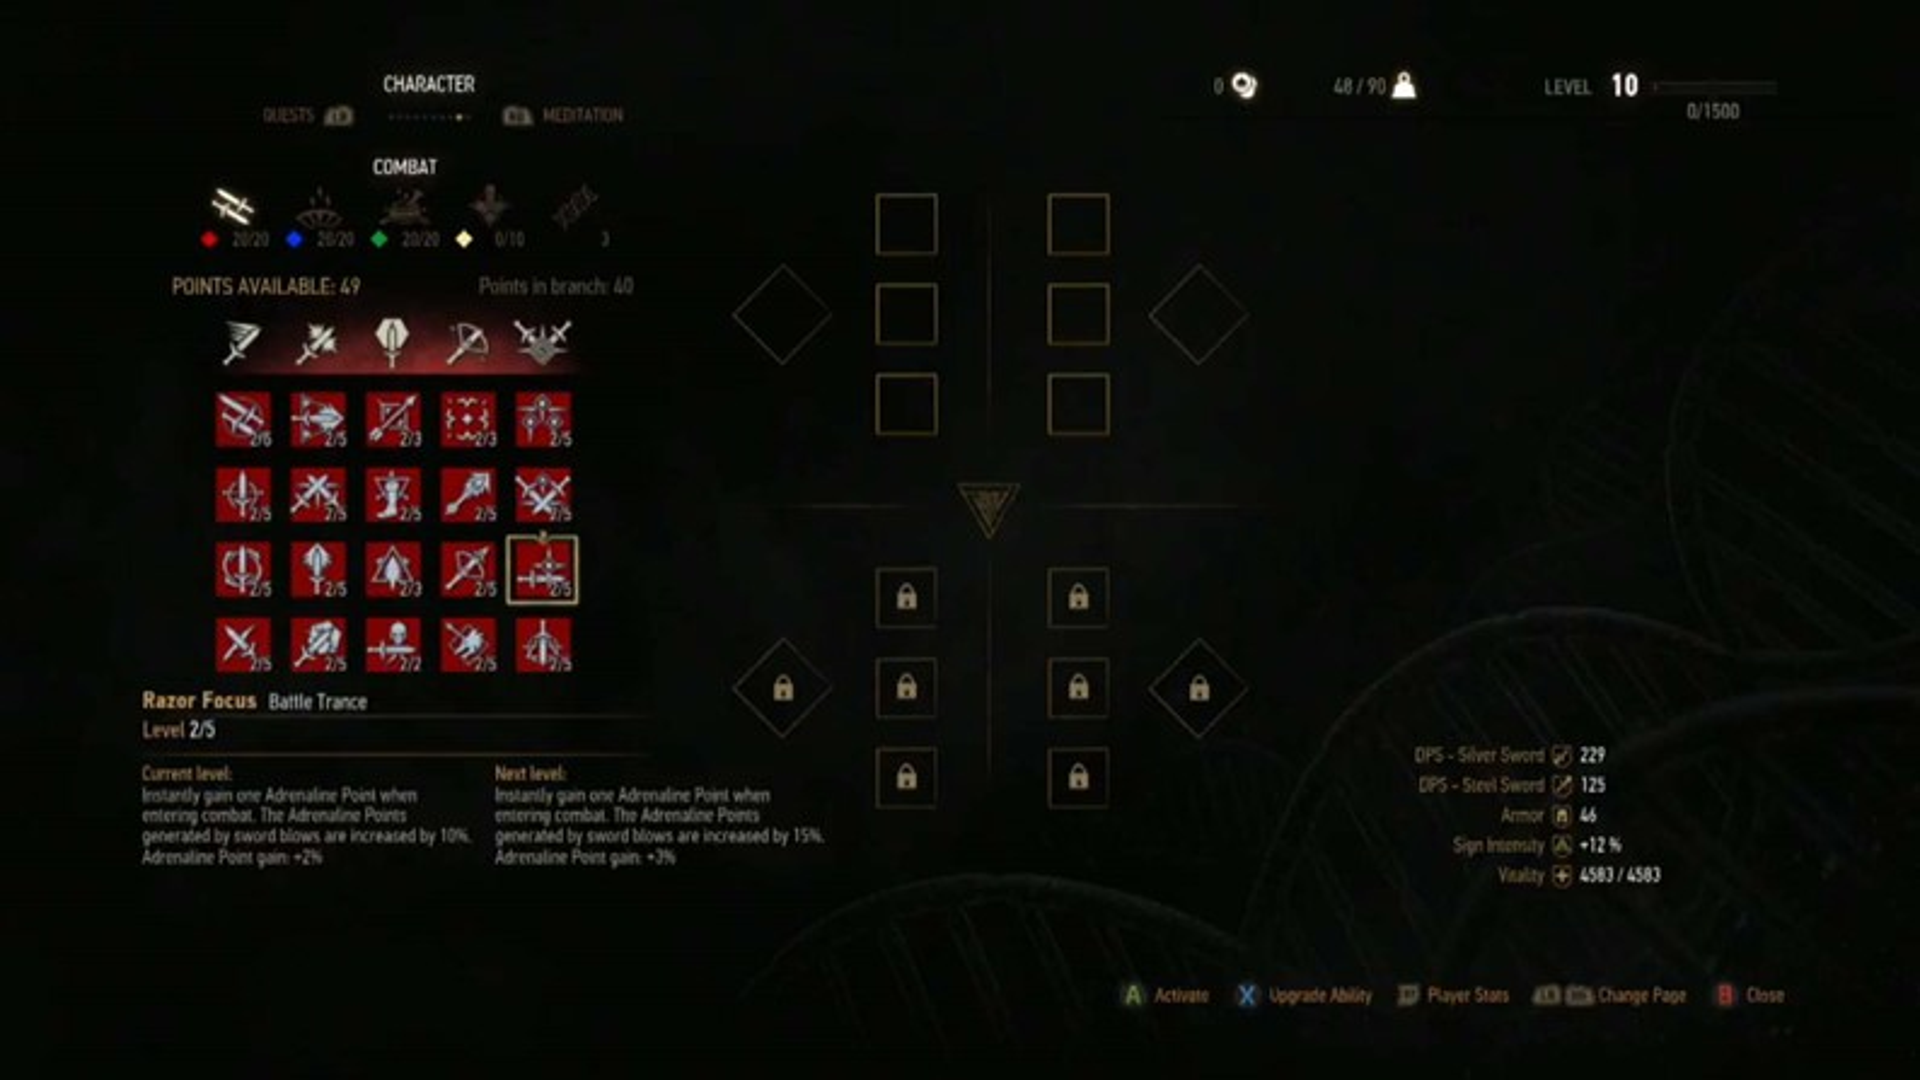 The Witcher 3: confira uma tonelada de detalhes sobre as batalhas e itens